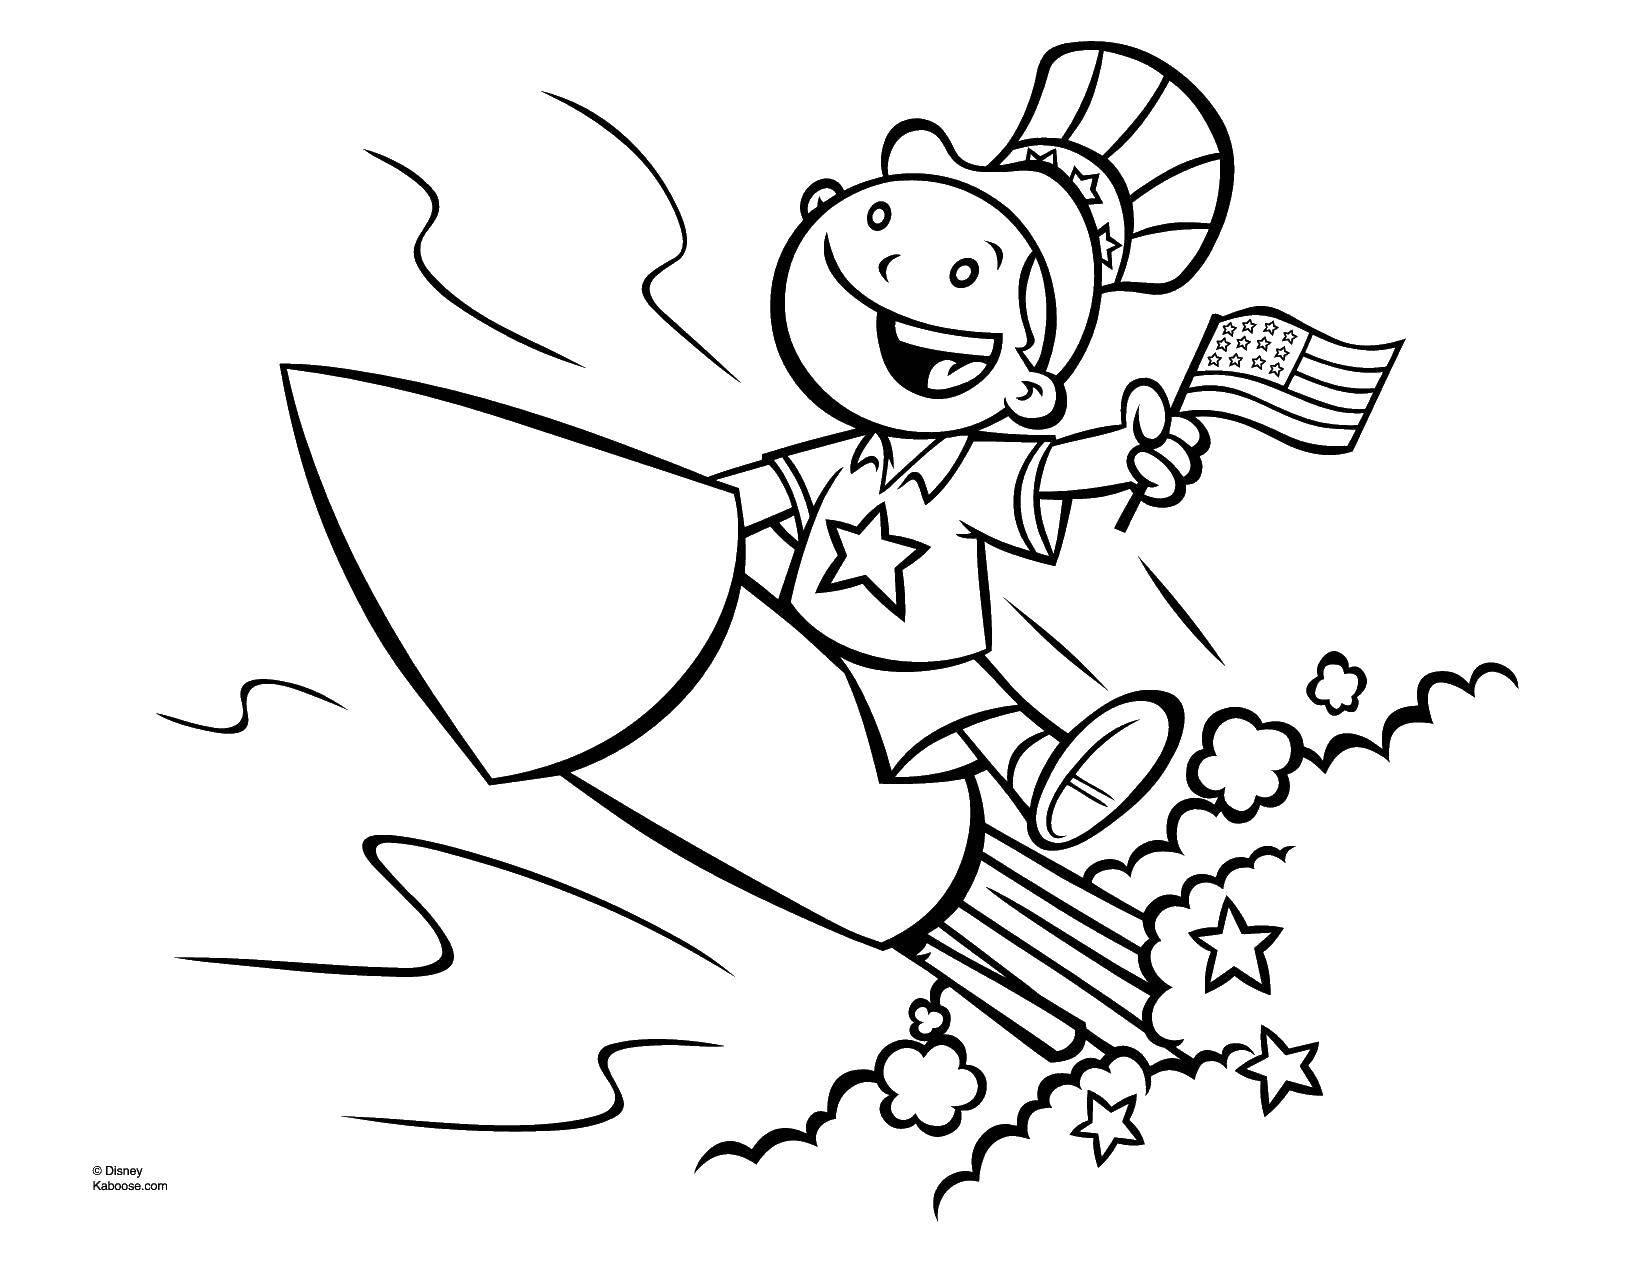 Раскраски ракете, Раскраска Мальчик на ракете для мальчиков.